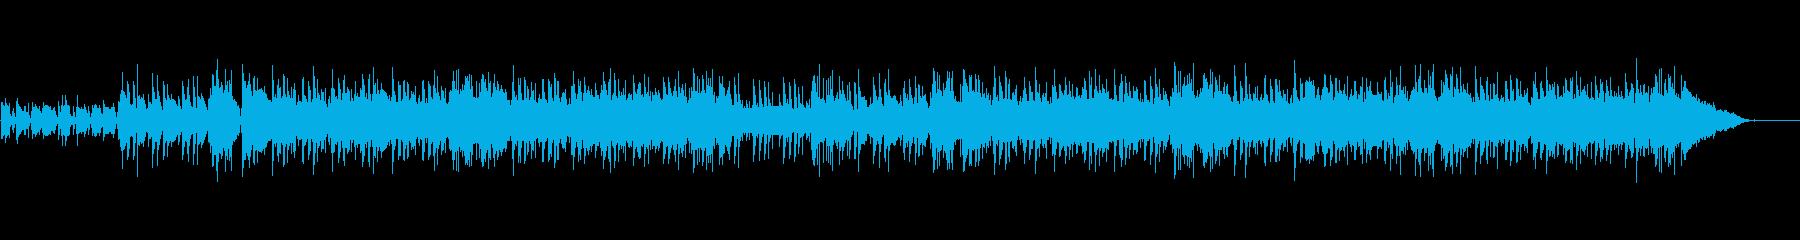 アコギがメインのさわやかなPOPS曲の再生済みの波形